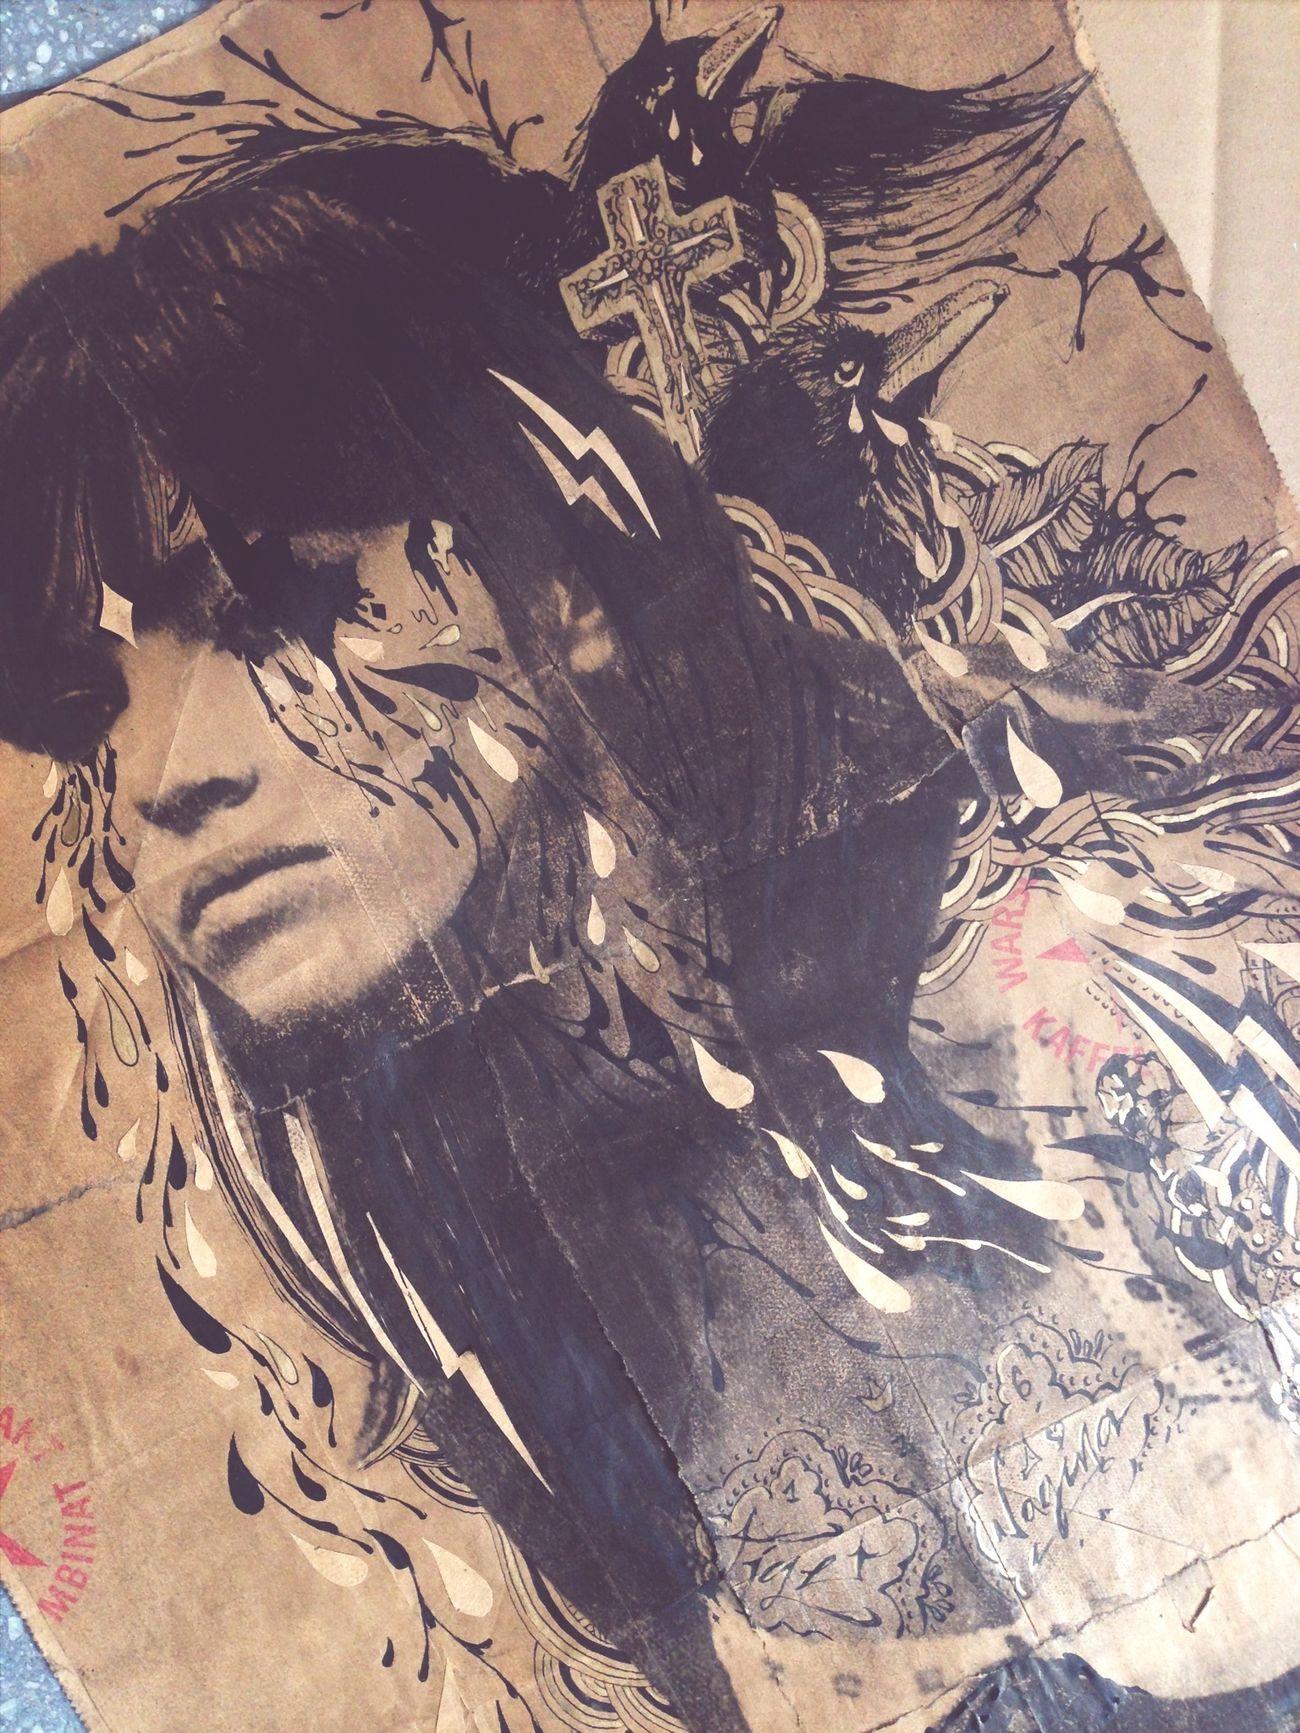 Illustrating Painting Berlin Streetart